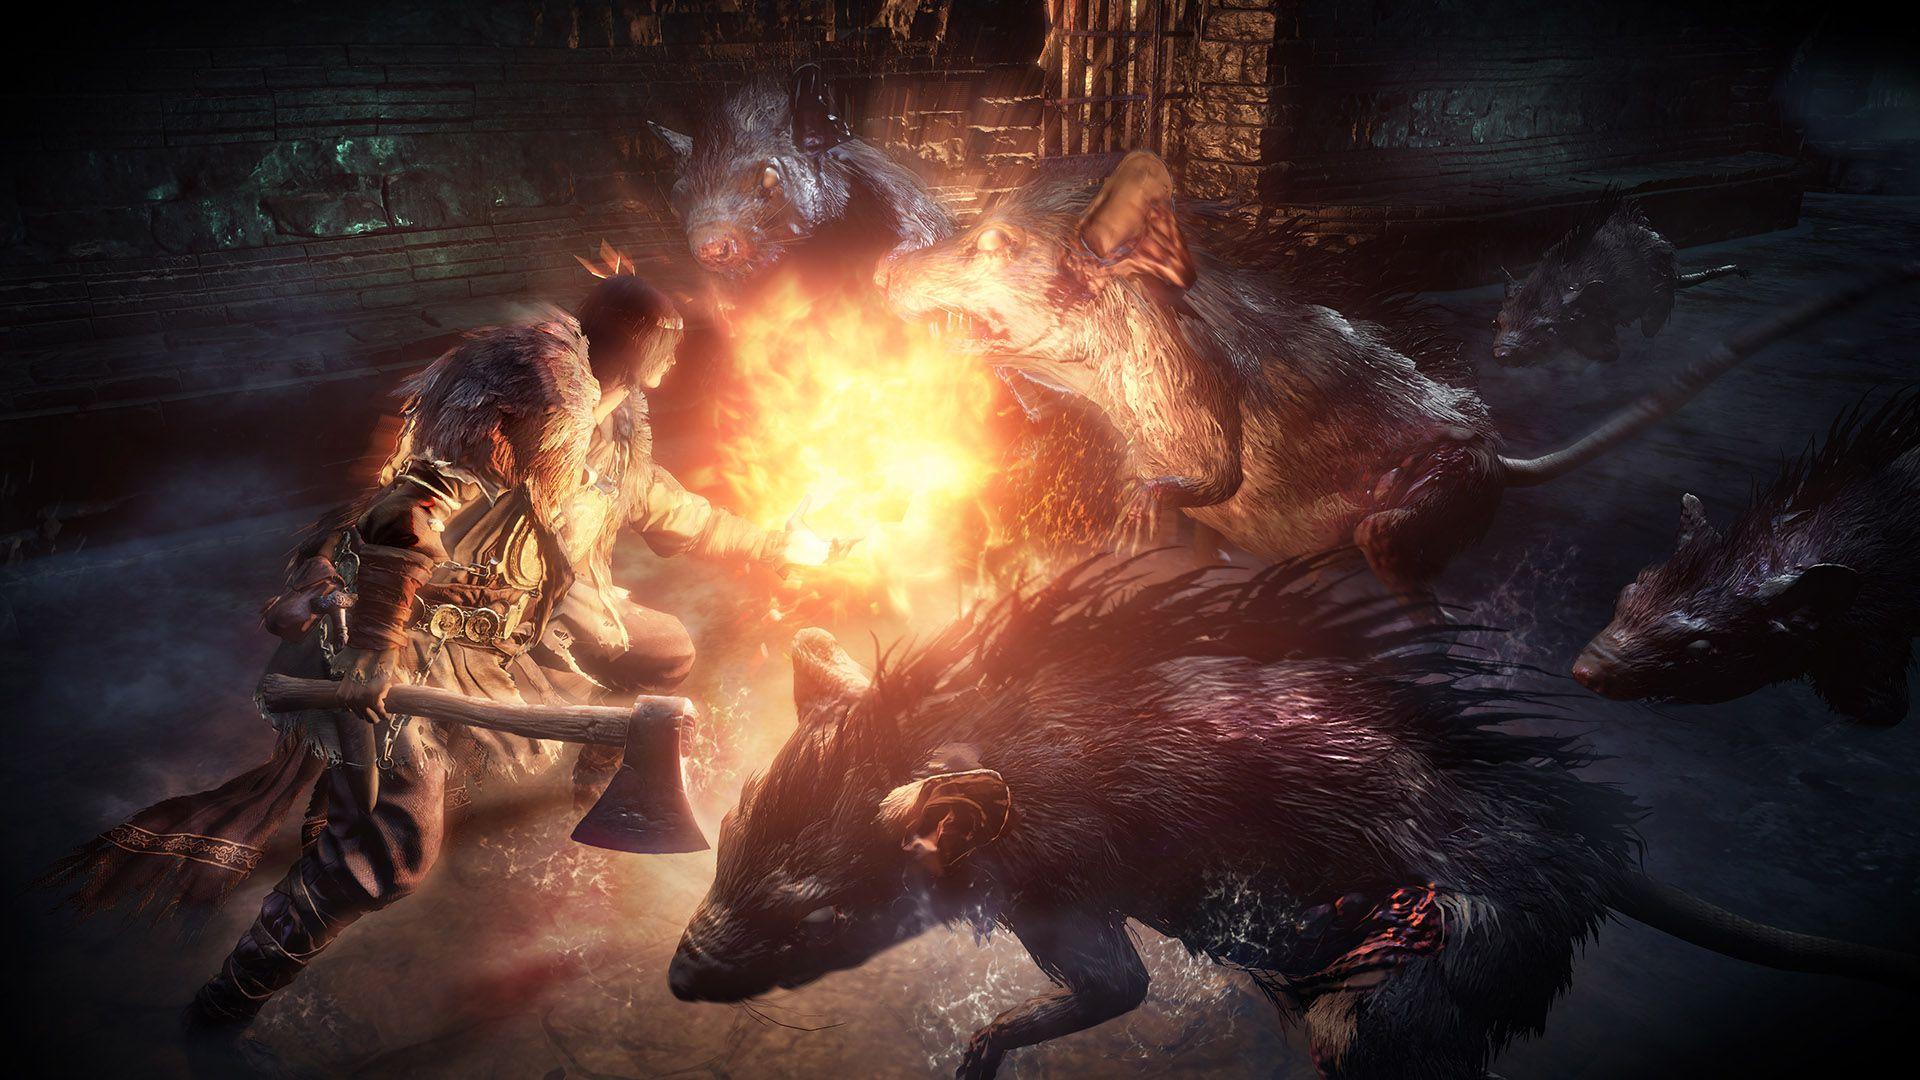 Dark Souls 3 screen